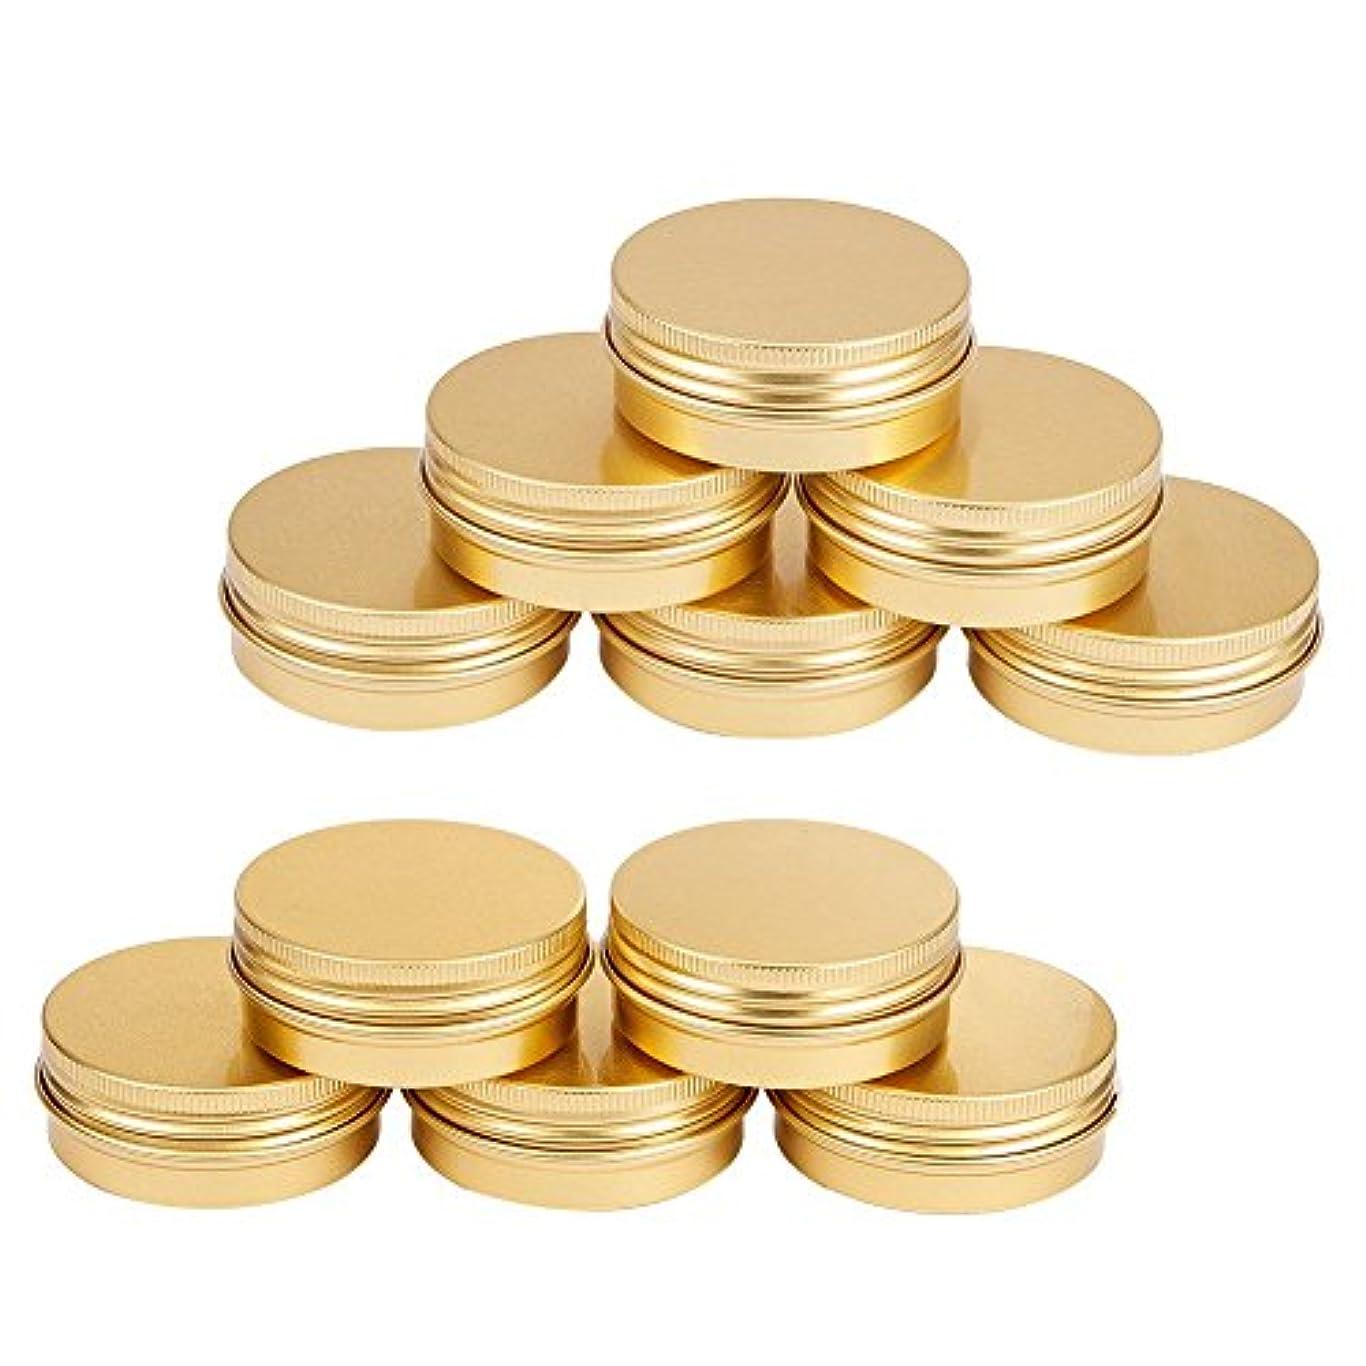 実験教育学十二BENECREAT 30個セット30mlアルミ缶 アルミネジキャップ缶 小分け容器 詰め替え容器 クリームケース 化粧品 クリーム 小物用収納ボックス ゴールド